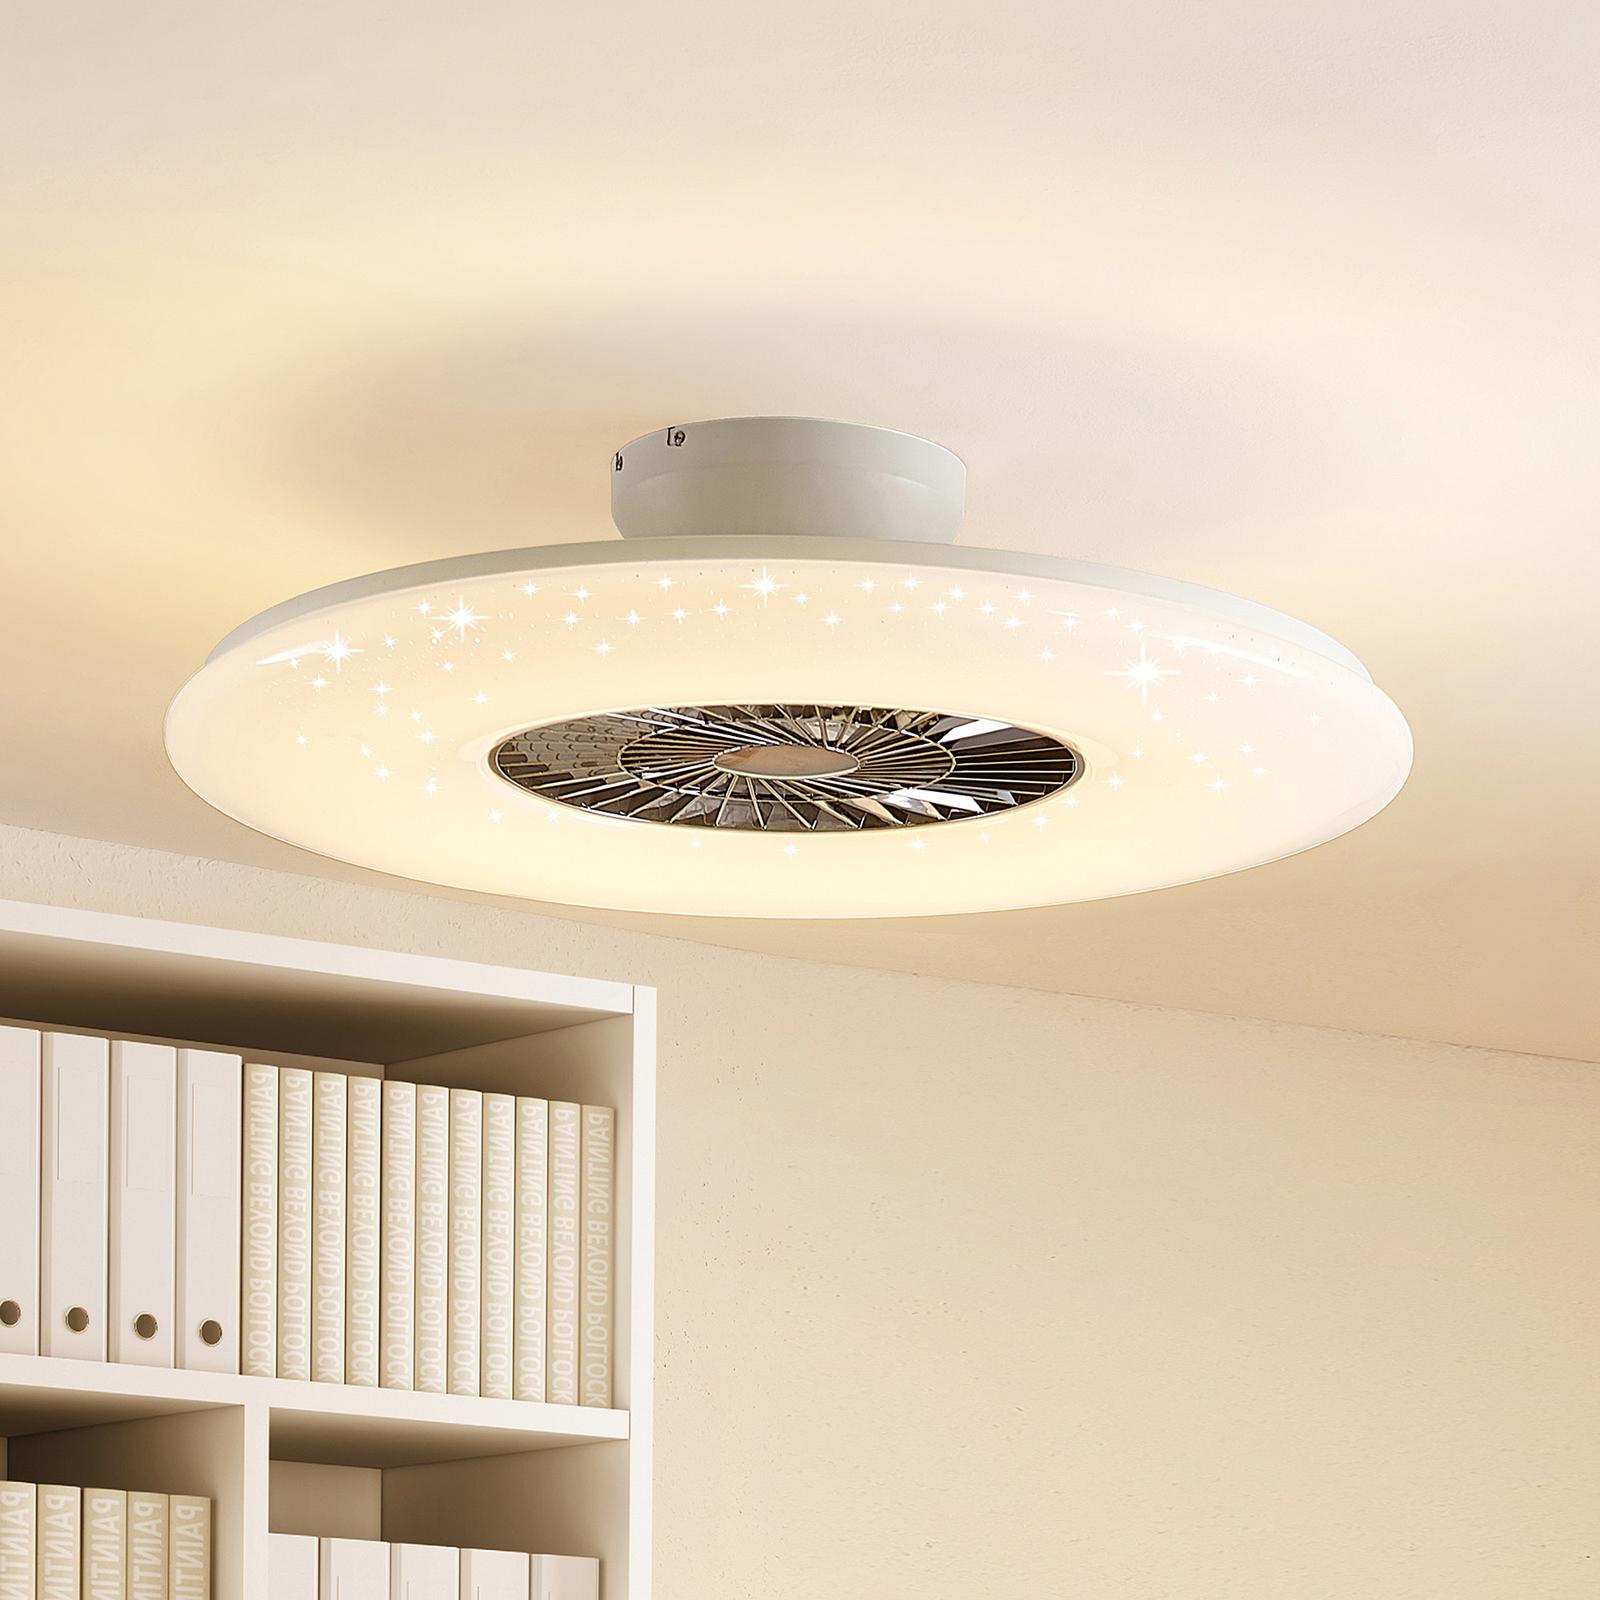 Starluna Klamina LED-Deckenventilator mit Licht